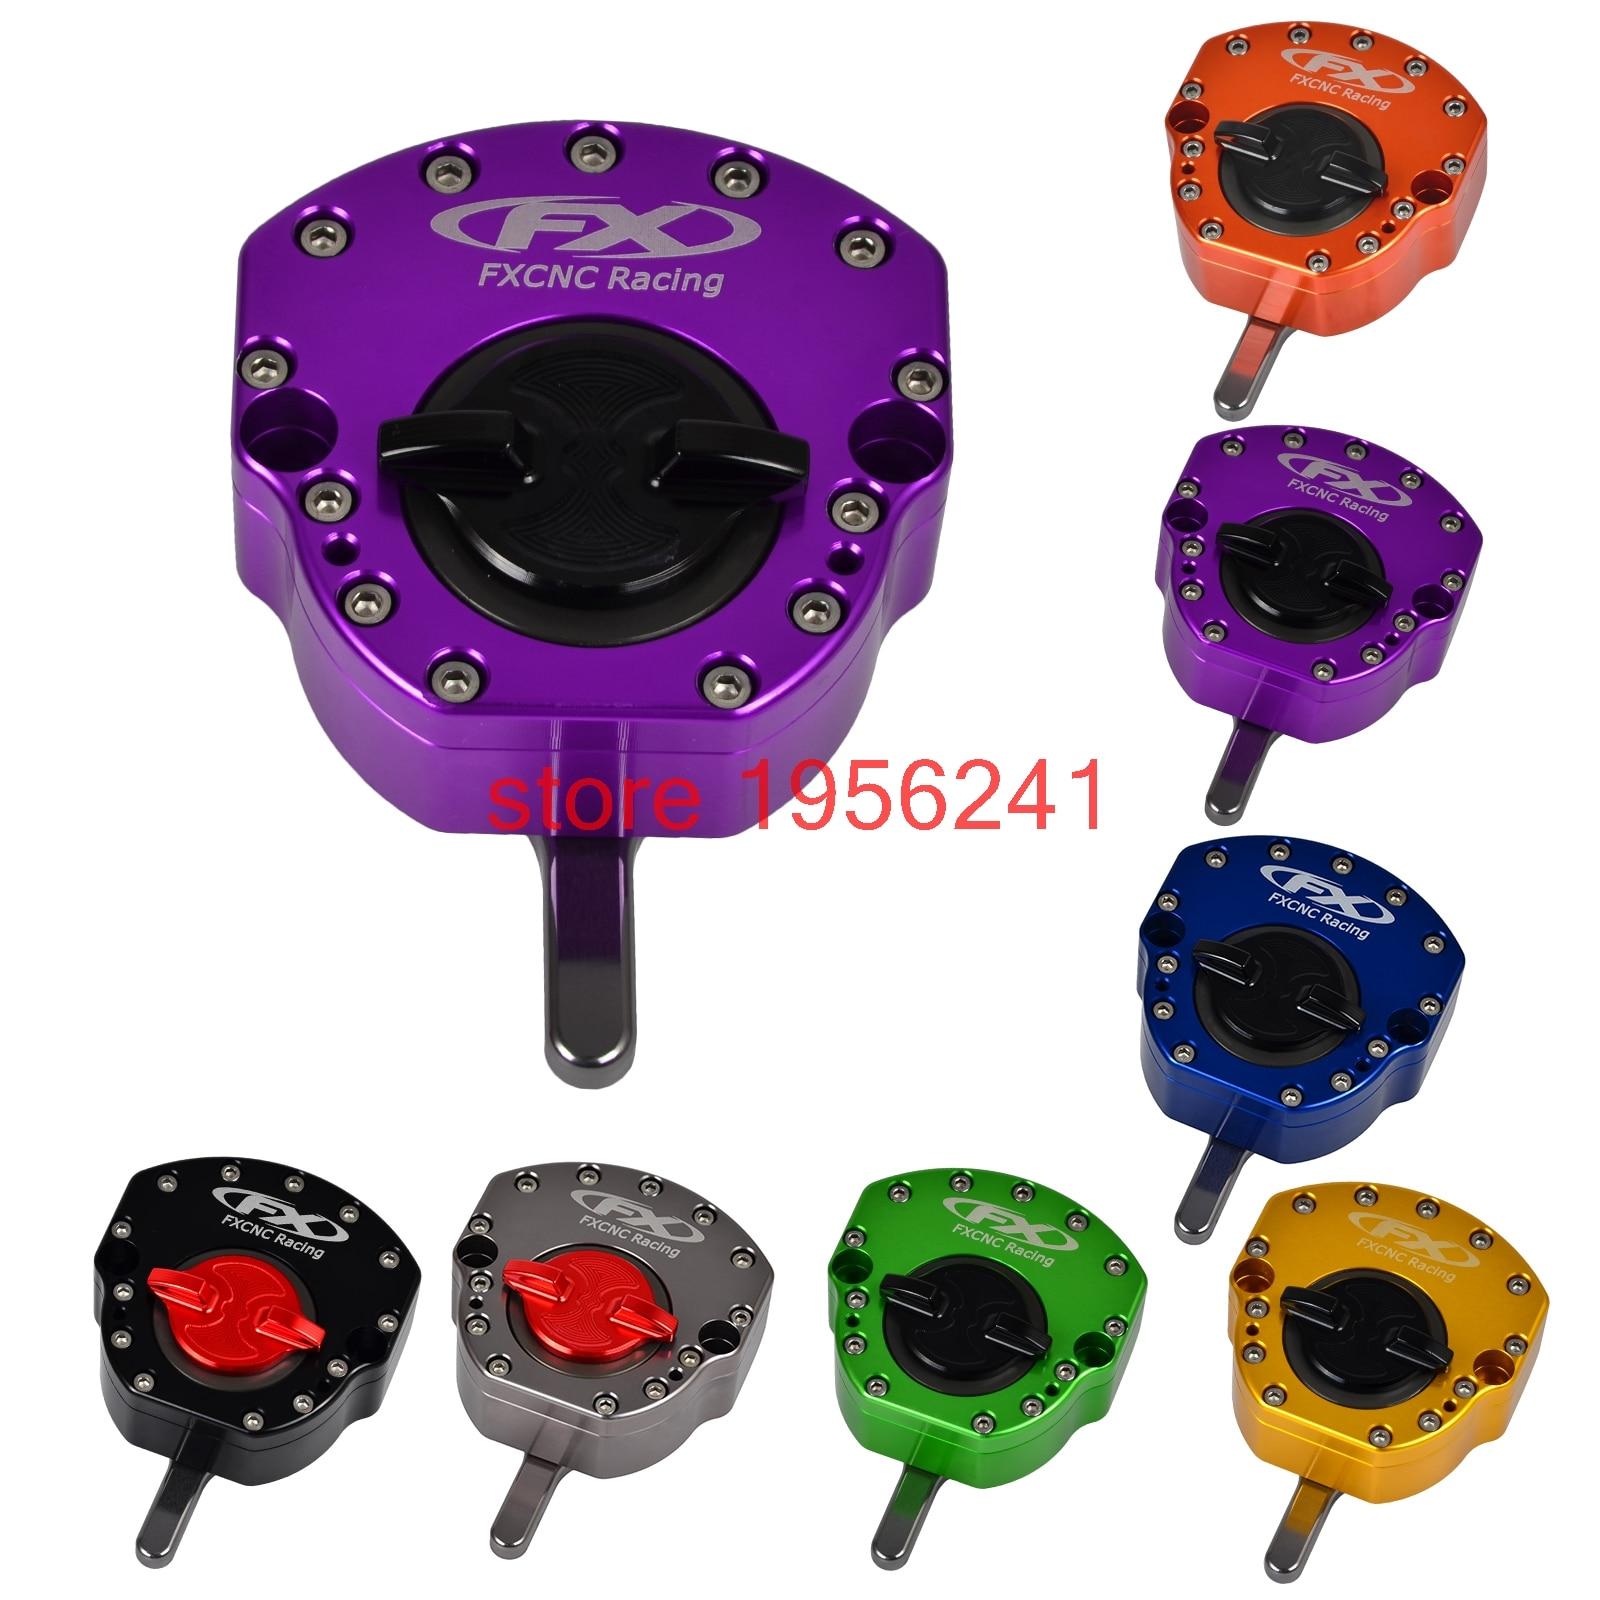 Рулевое управление ЧПУ Стабилизатор демпфер для Honda CBR600RR 2003-2012 CBR1000RR 2004-2012 CBR900RR 1998 1999 новый